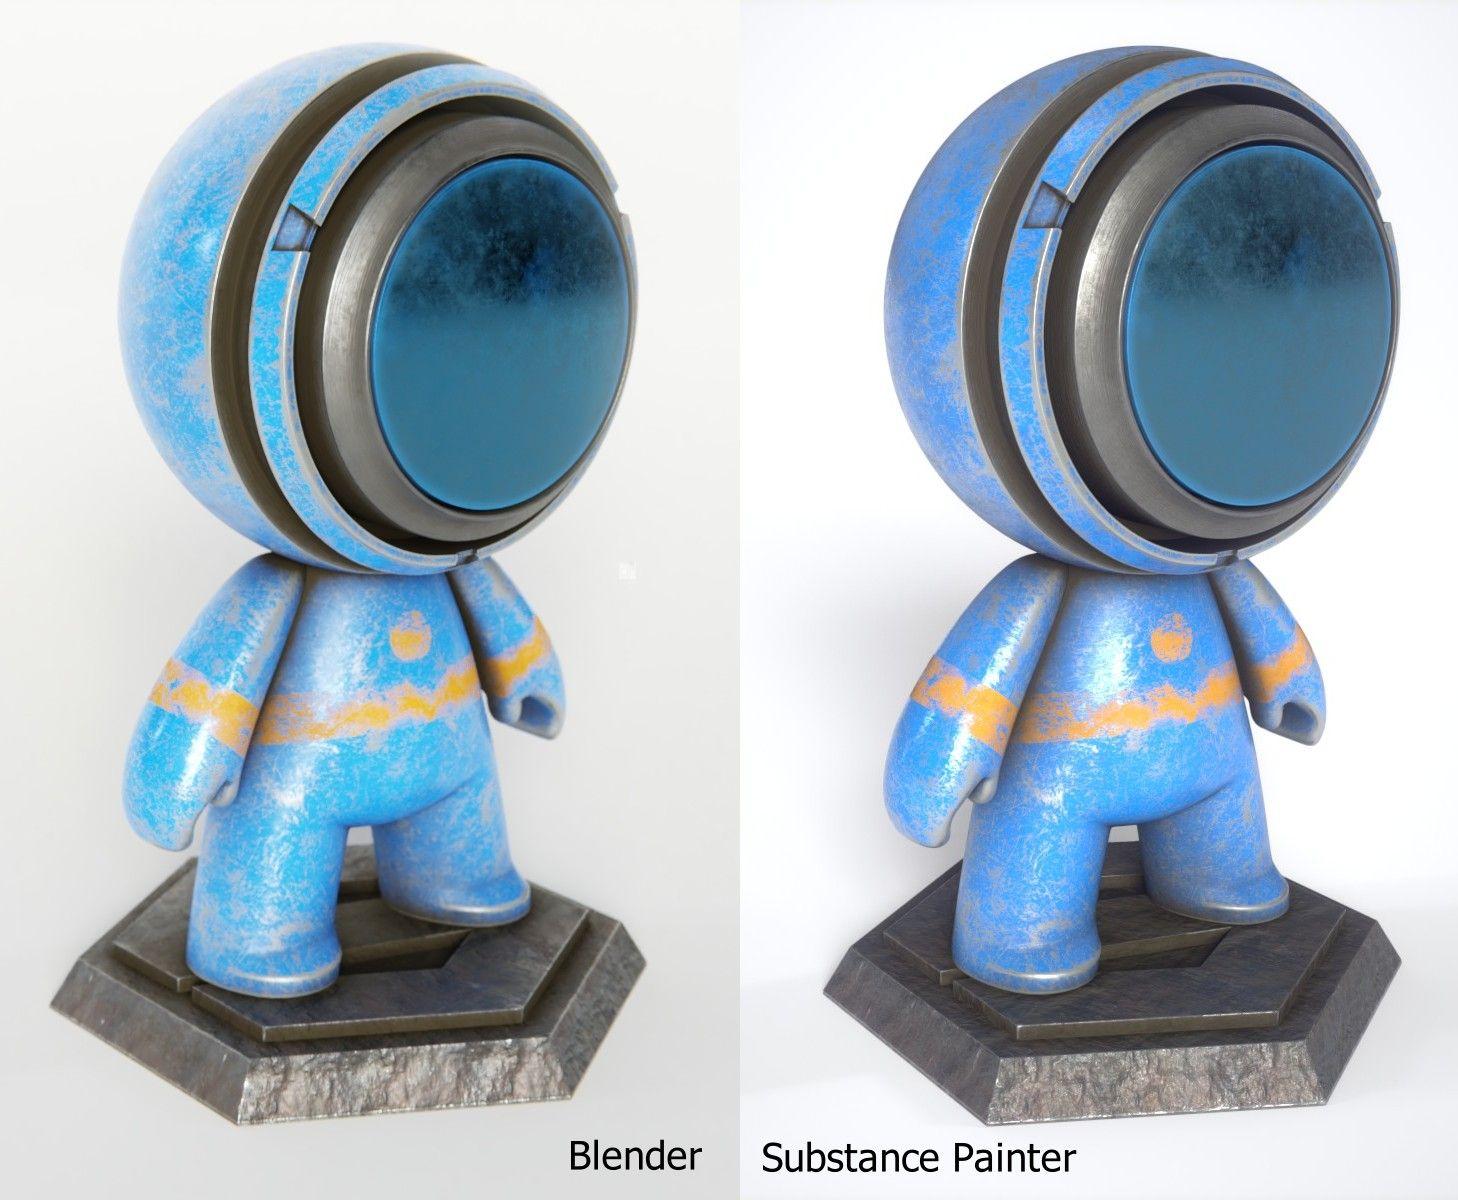 """A partir de la versión 2.79 de Blender, próxima a lanzarse, entre las mejoras y adiciones está el nuevo shader llamado Principled BSDF, basado en el modelo de Disney también conocido como """"PB…"""